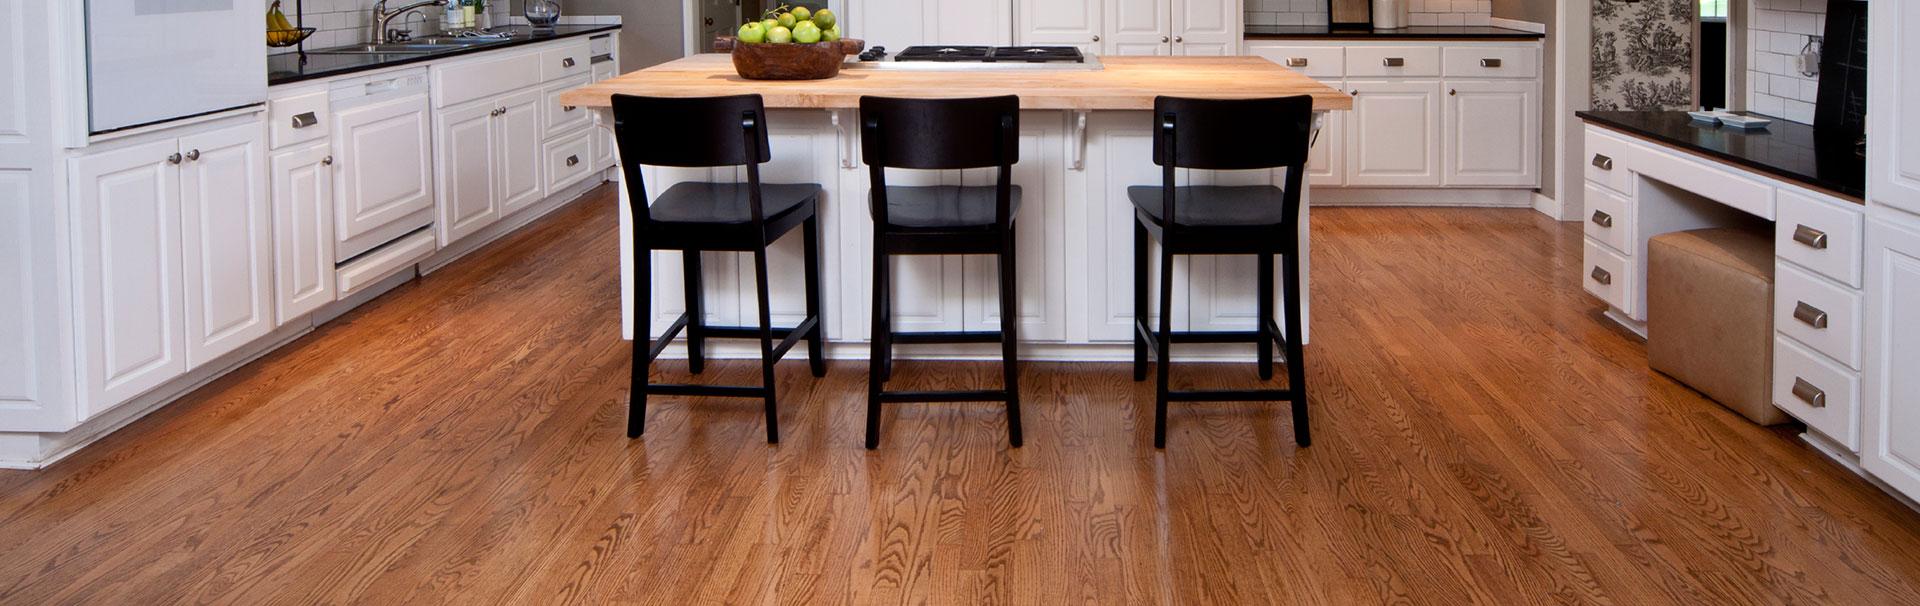 engineered wood flooring floor sales saratoga - Installing Hardwood Floors